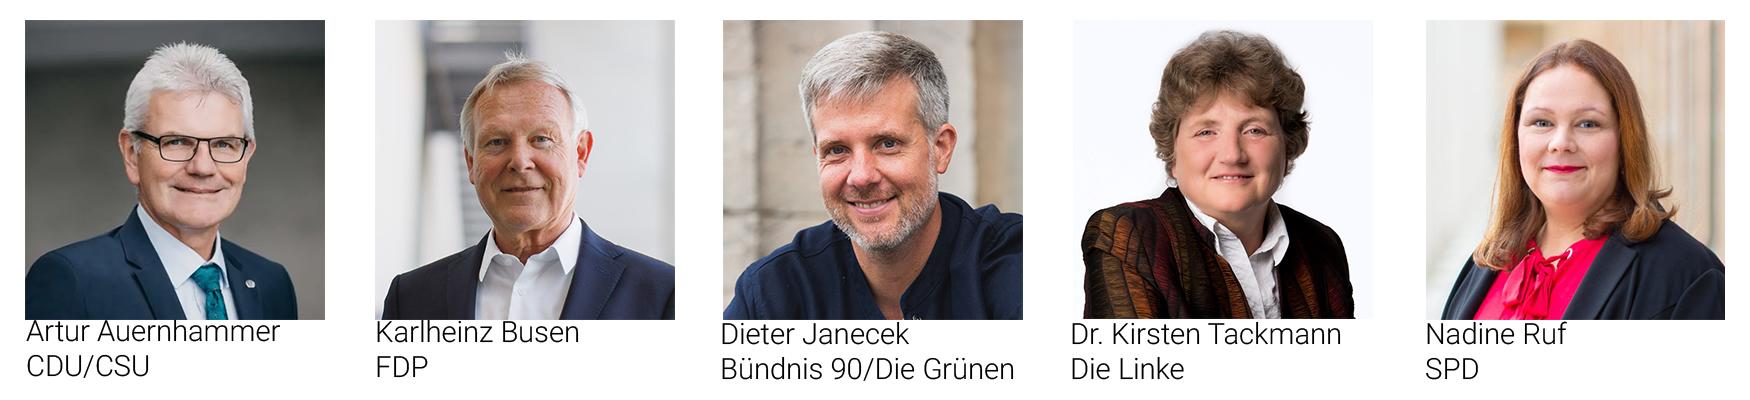 Vertreter & Vertreterinnen der Fraktionen aus dem Deutschen Bundestag